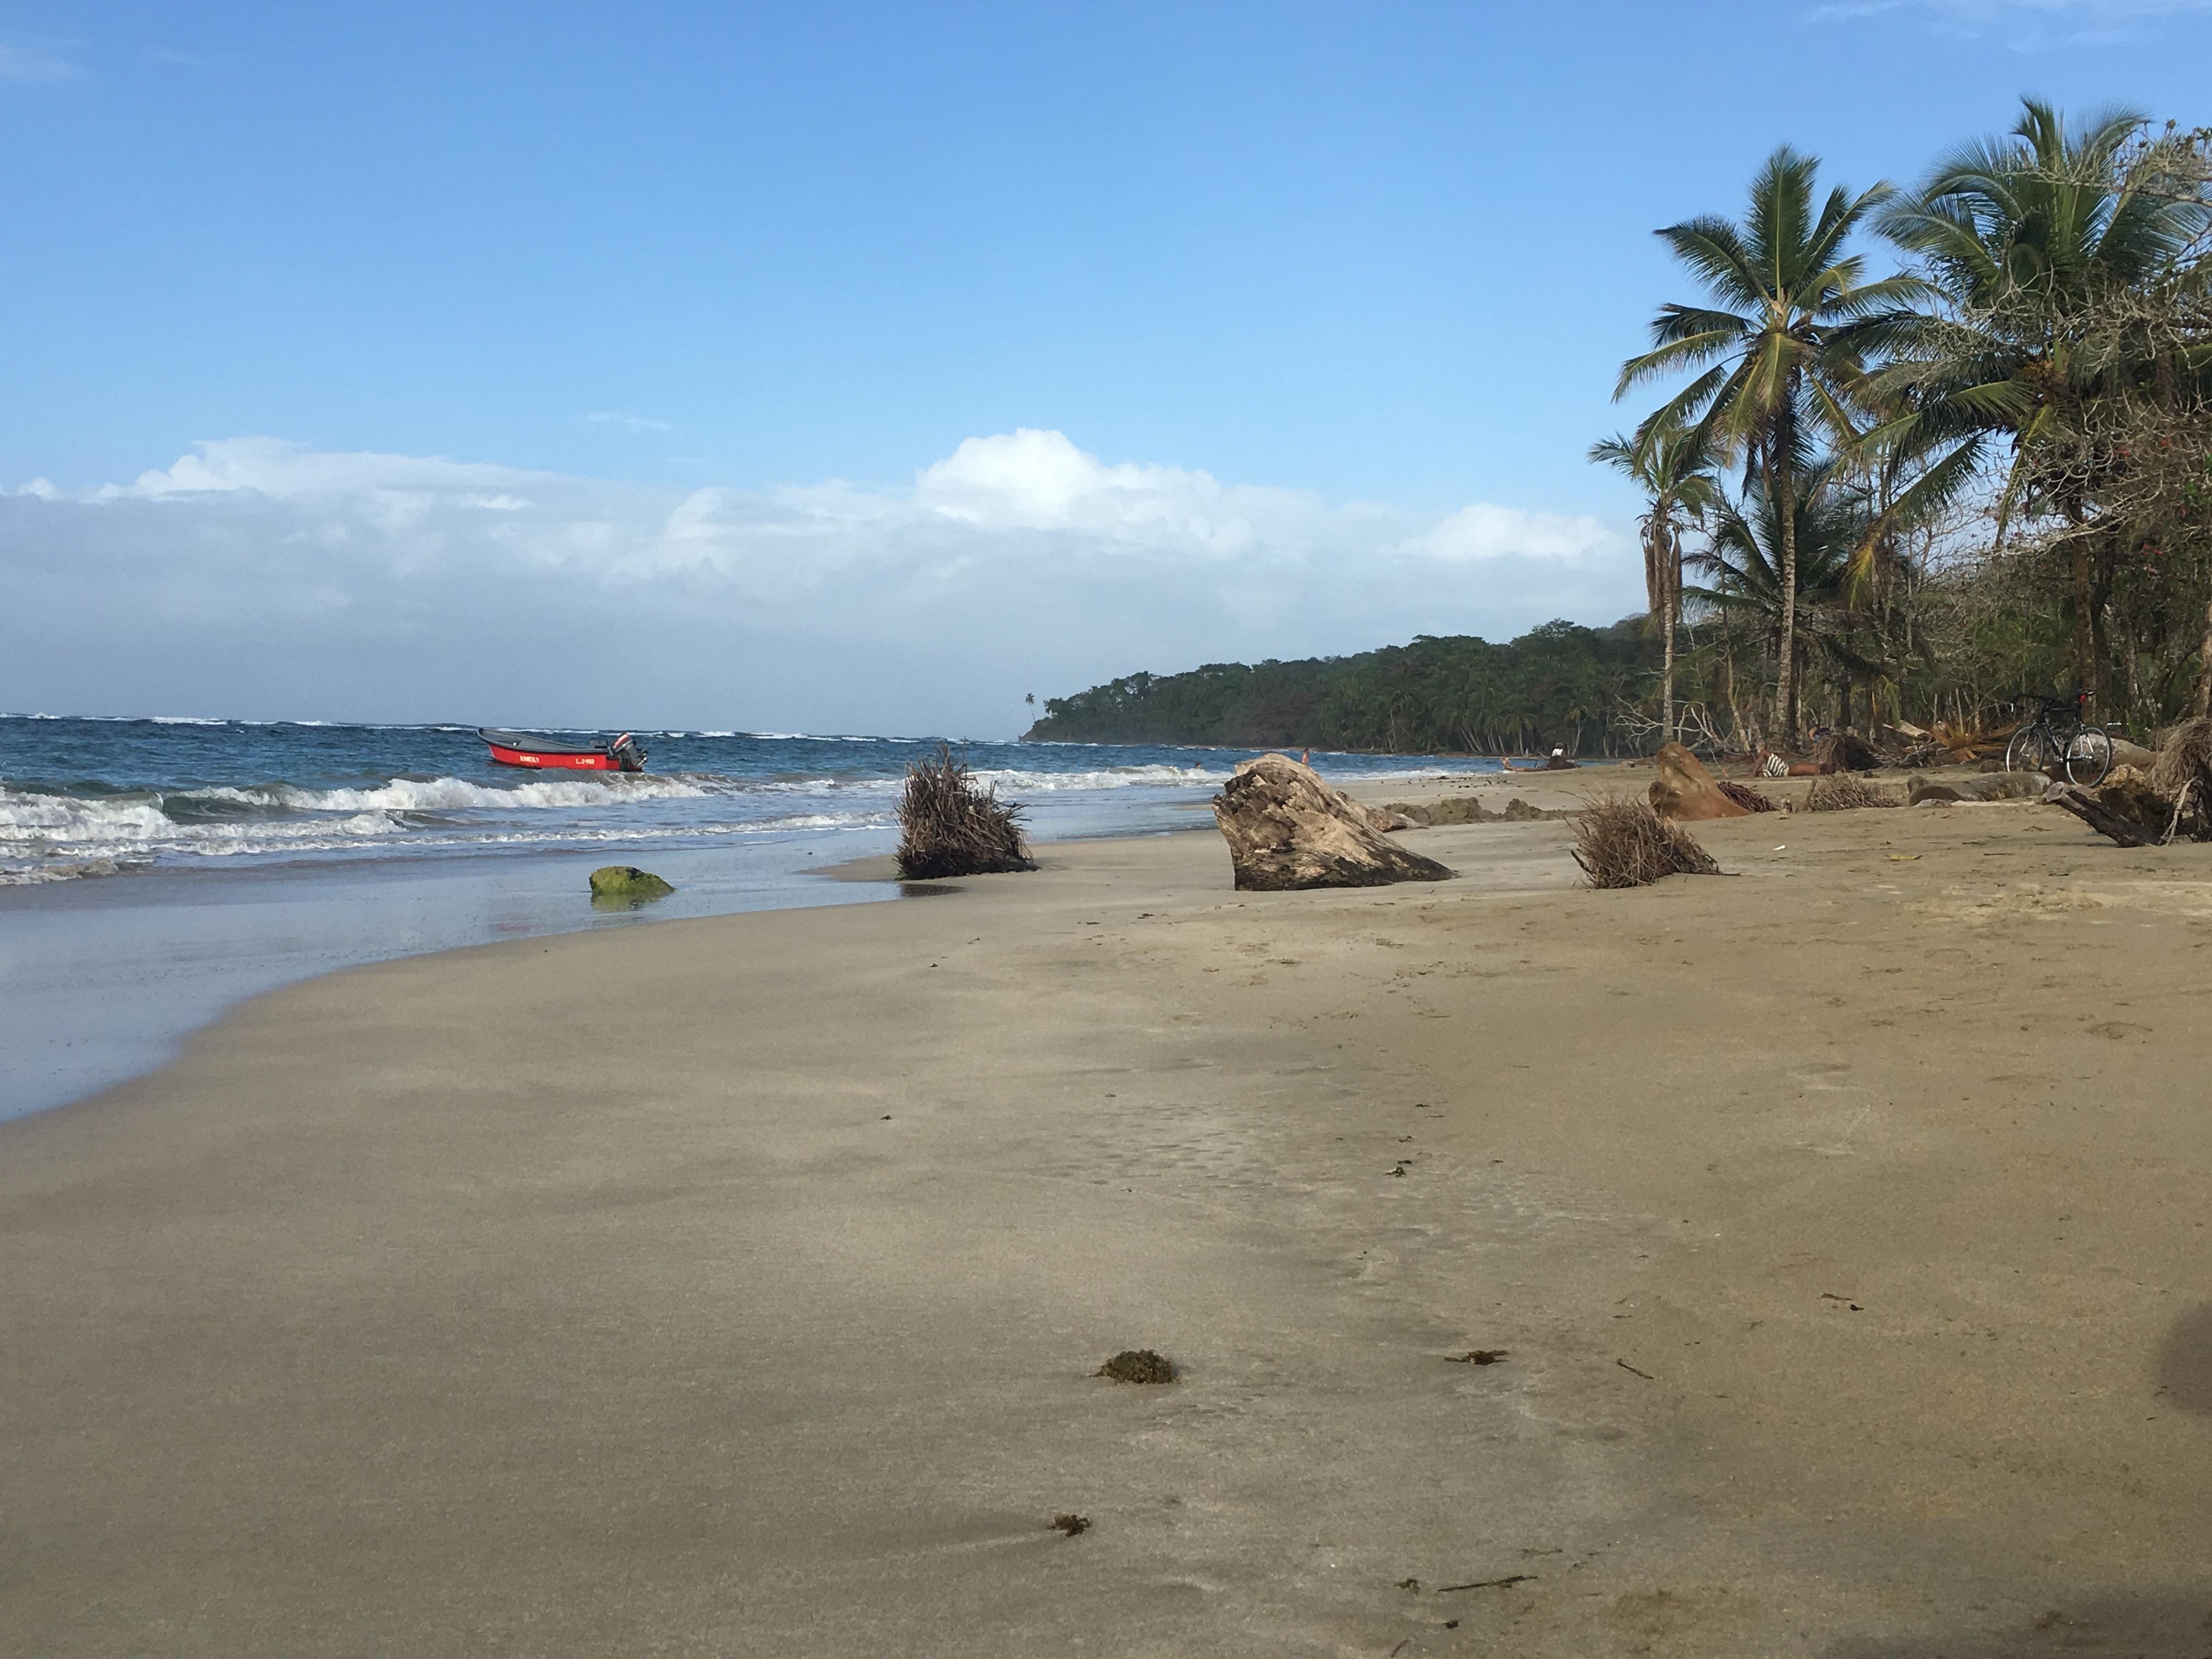 Playa Manzilla